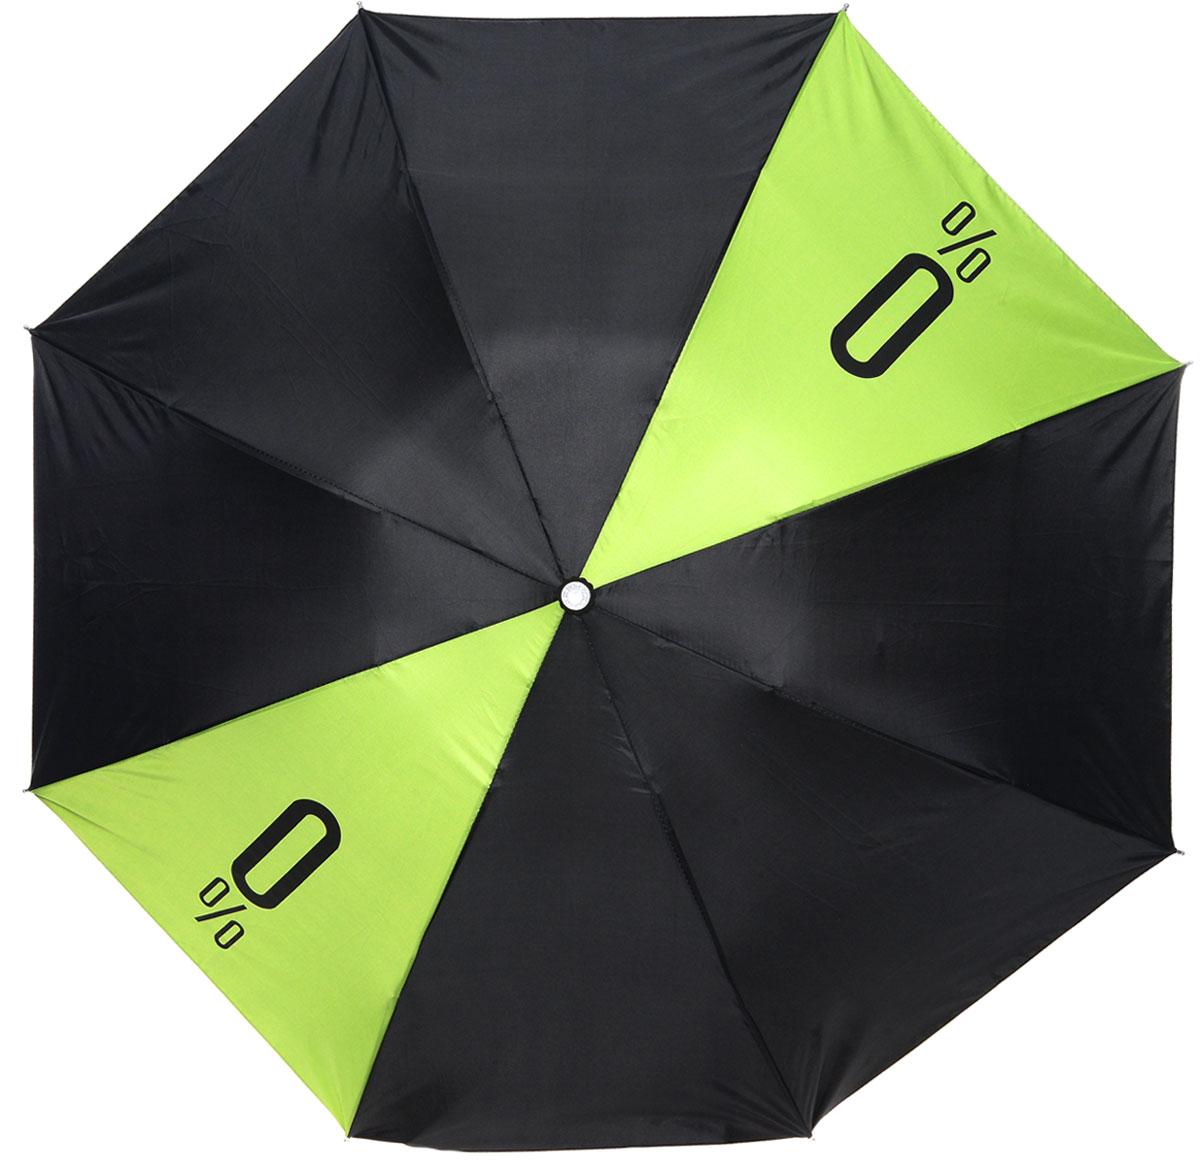 Зонт Эврика, механический, 2 сложения, цвет: зеленый, черный. 9012990129Необычная упаковка - изюминка этой модели. Аккуратный зонтик двойного сложения прячется в пластиковый кофр, выполненный в виде бутылки. Такой футляр защитит вашу сумку от промокания, а ткань зонта от повреждения. Высокое качество и оригинальный дизайн делают такой подарок желанным для требовательных покупателей. Упаковка - подарочная коробка.